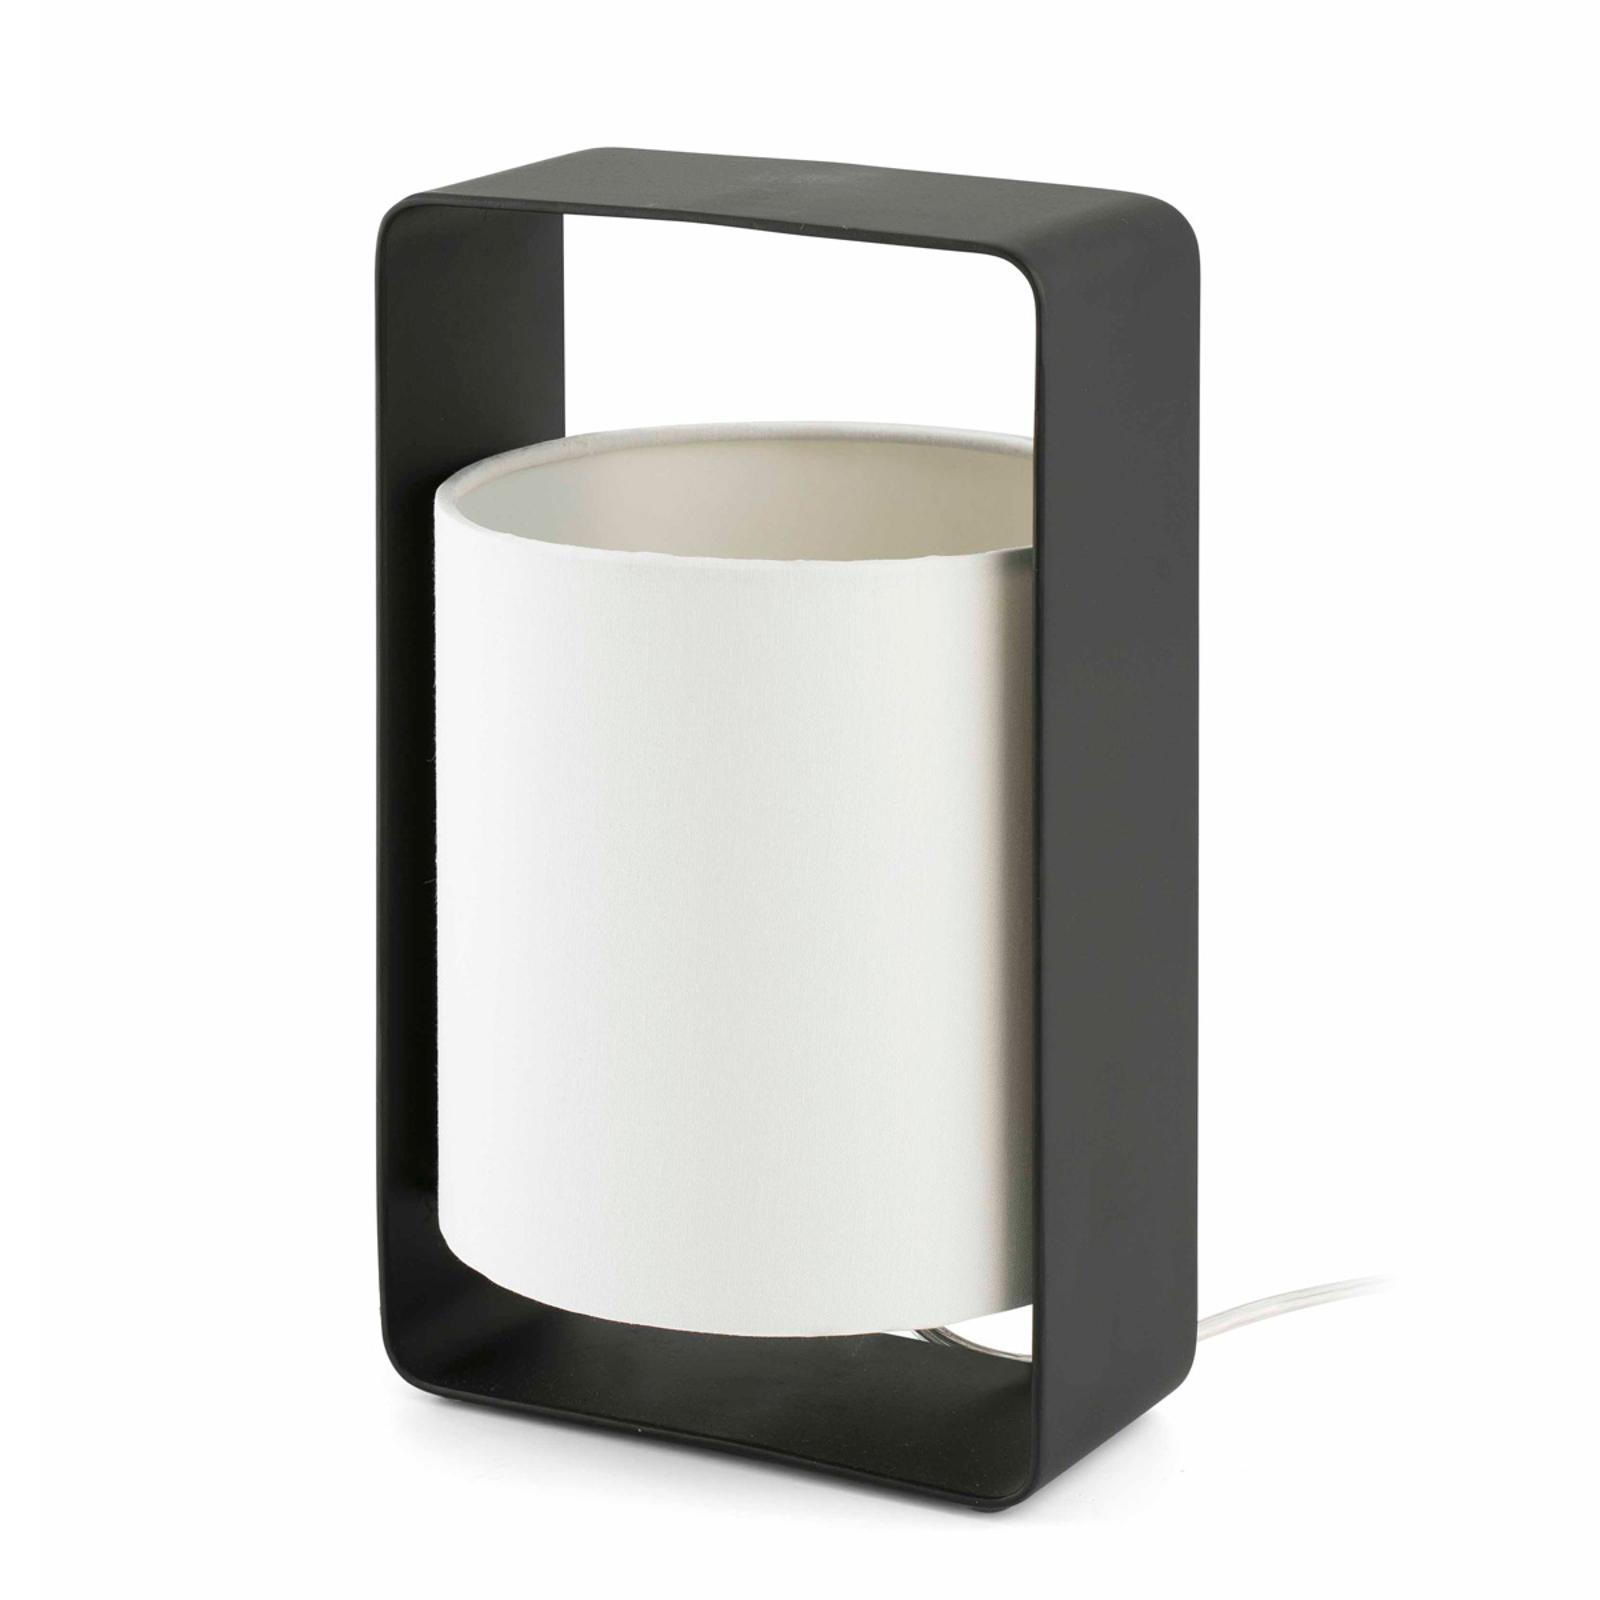 Tischleuchte Lula in Schwarz-Weiß, 27 cm